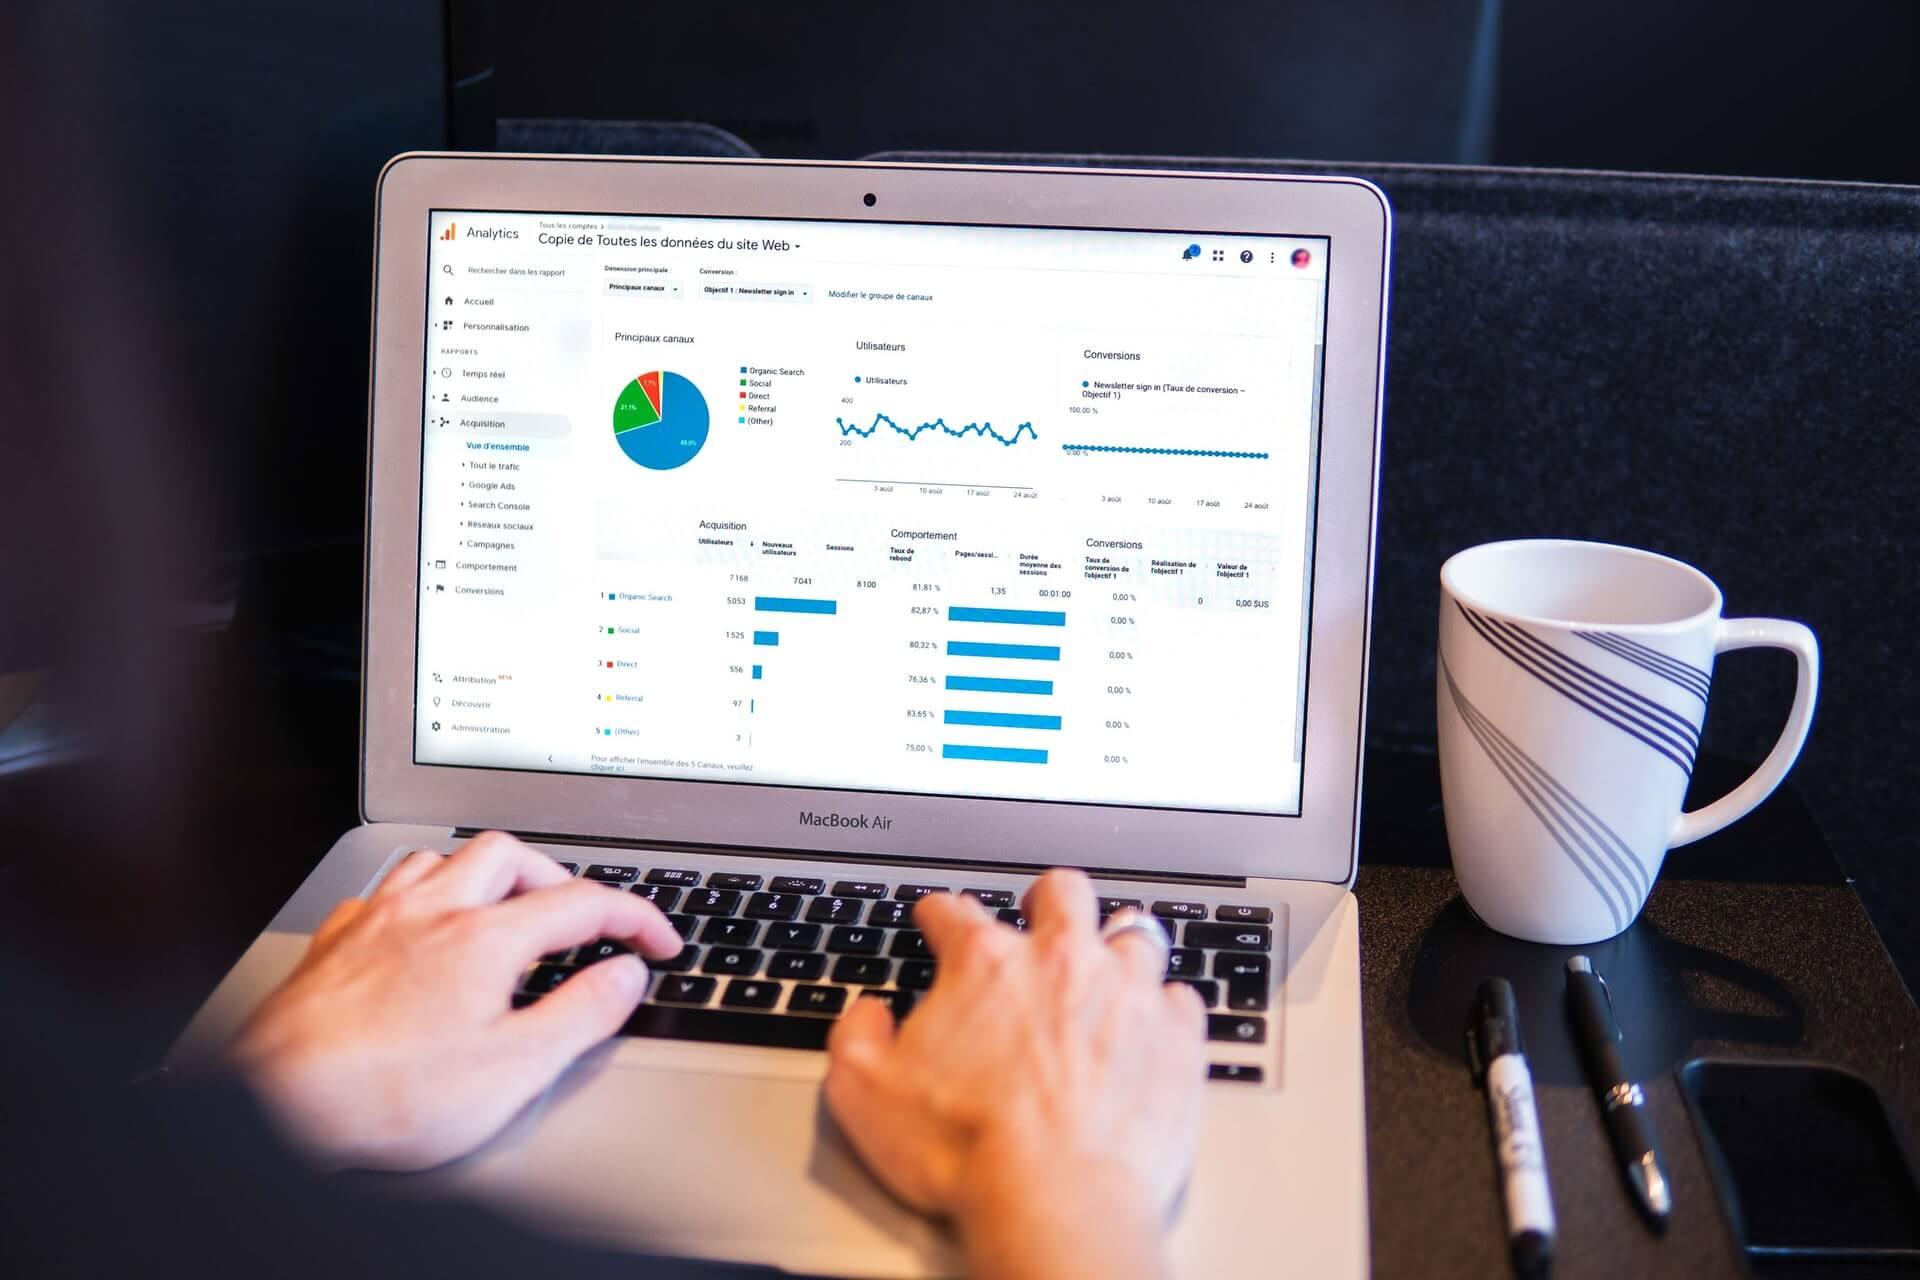 Come usare Google Analytics: la nostra guida ABC, dall'installazione al monitoraggio